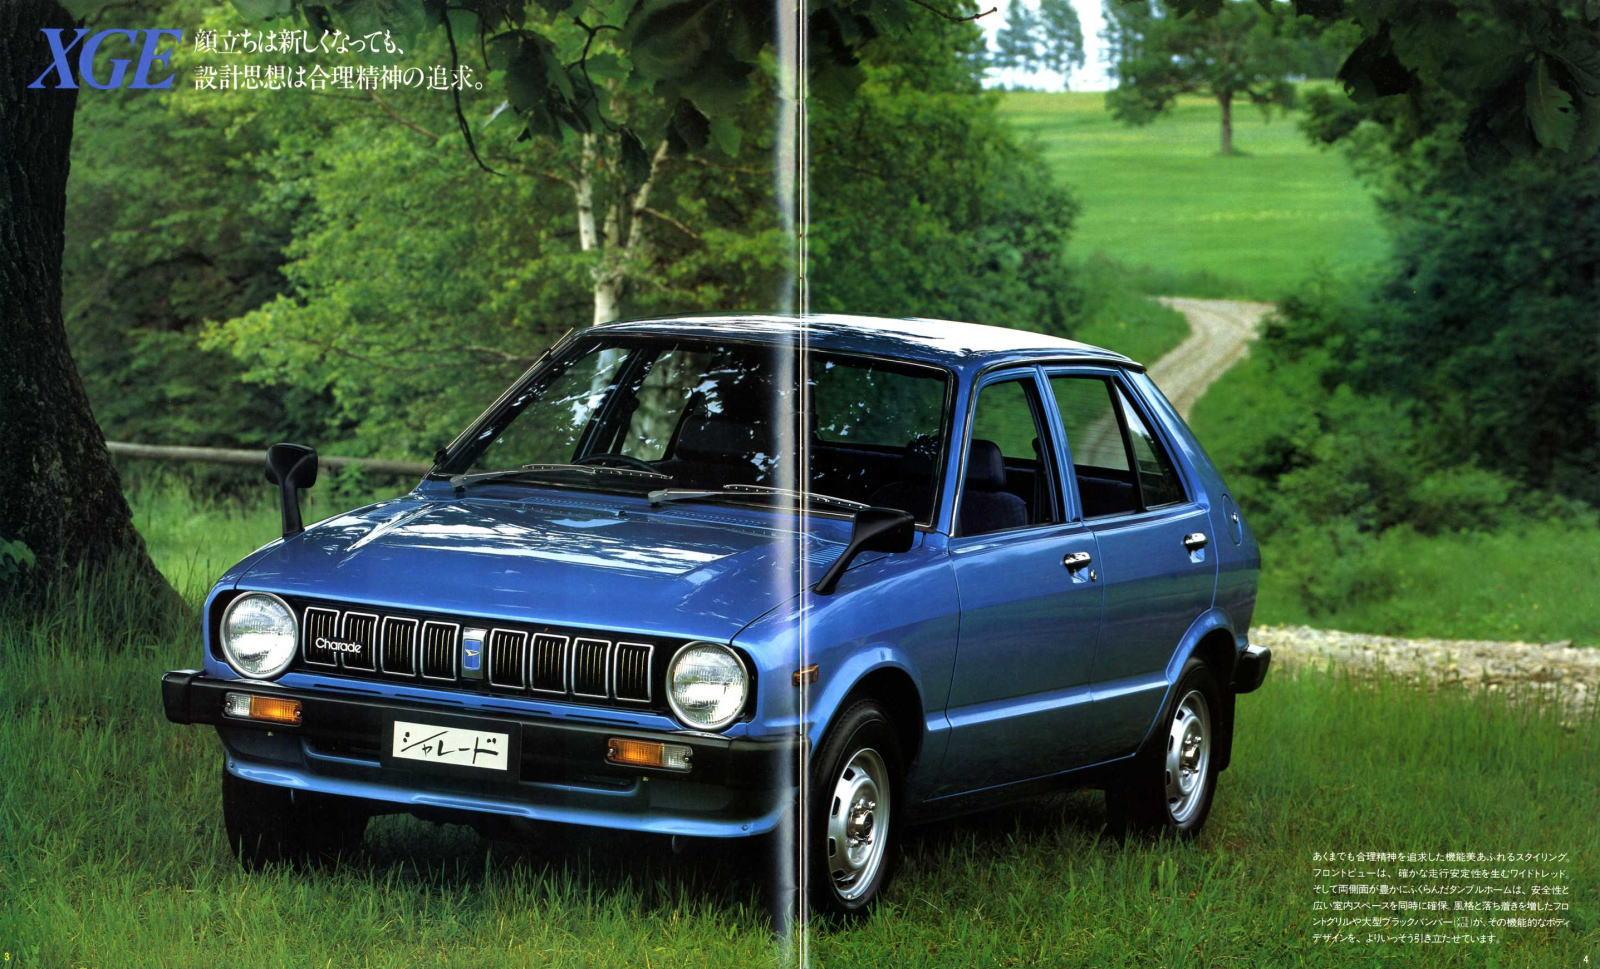 fender mirror, wing, lusterka na błotnikach, mocowane, przy, japoński samochód, motoryzacja z Japonii, JDM, ciekawostki, oryginalne, フェンダーミラー, 日本車, Daihatsu Charade G10, hatchback